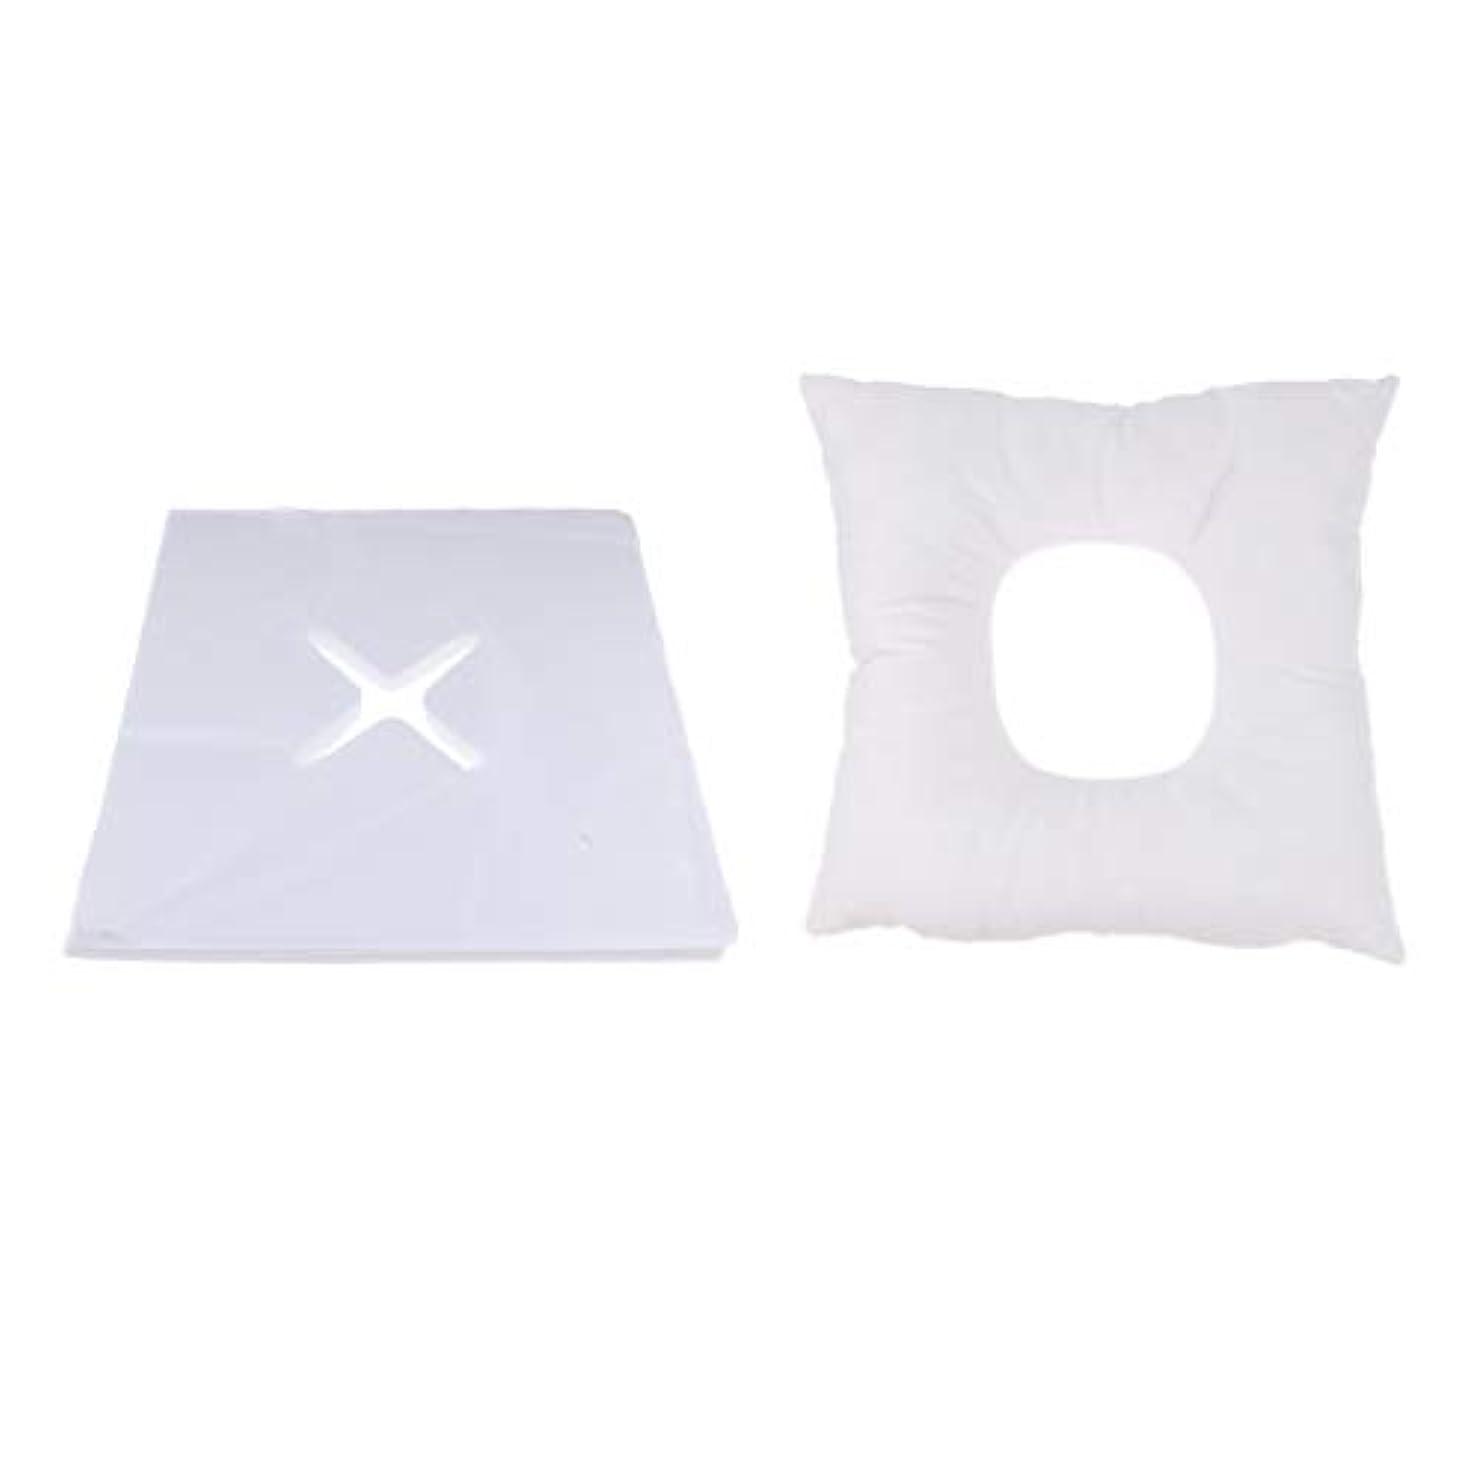 リダクター深さ驚かすFenteer マッサージ枕 顔枕 フェイスマット フェイスピロー 200個使い捨てカバー付 マッサージテーブル用 快適